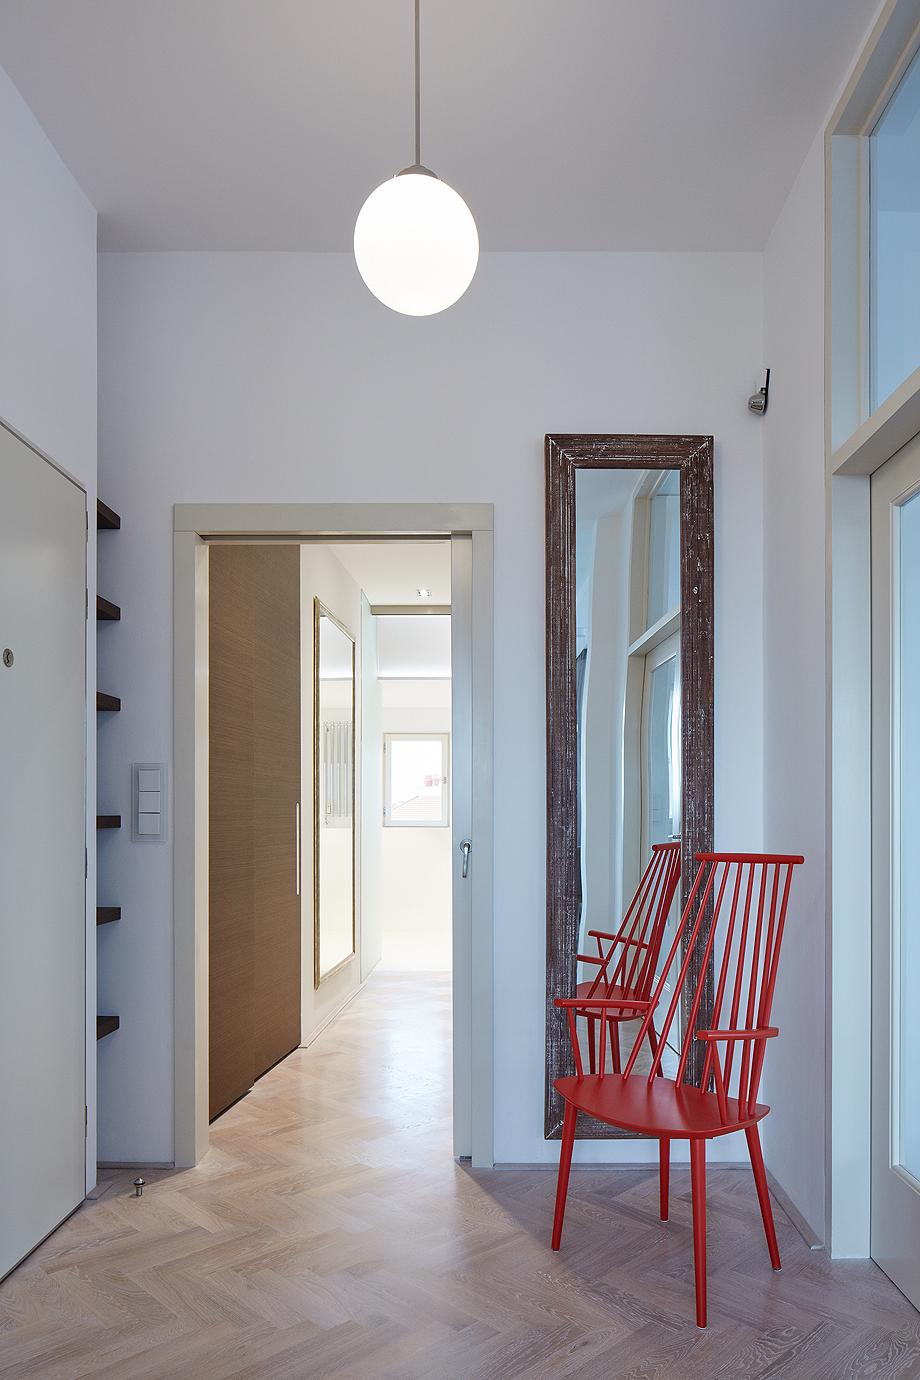 apartamento hamrova letna apartment objectum (13)